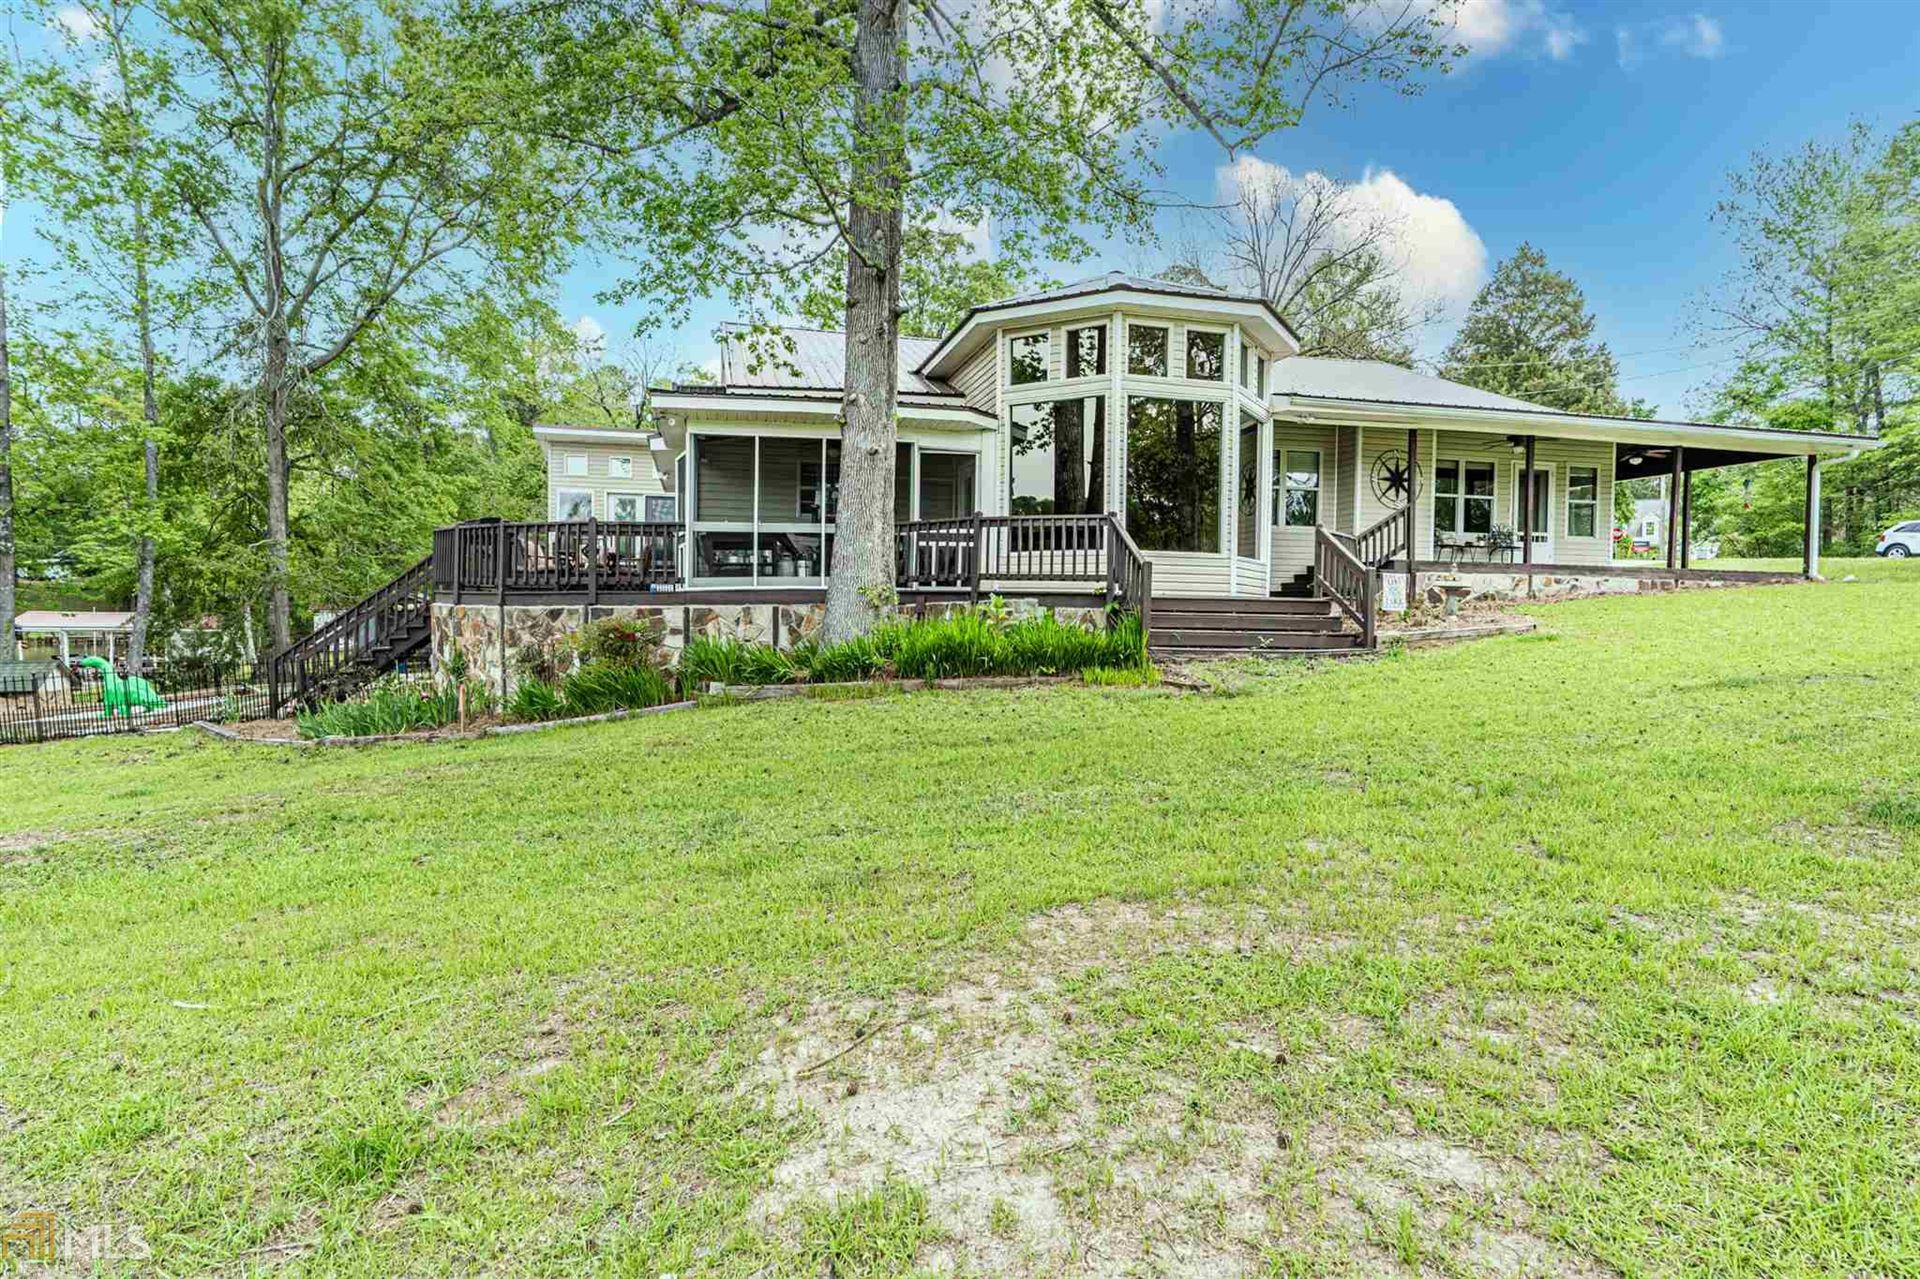 144 Napier Mill Rd, Eatonton, GA 31024 - MLS#: 8946567